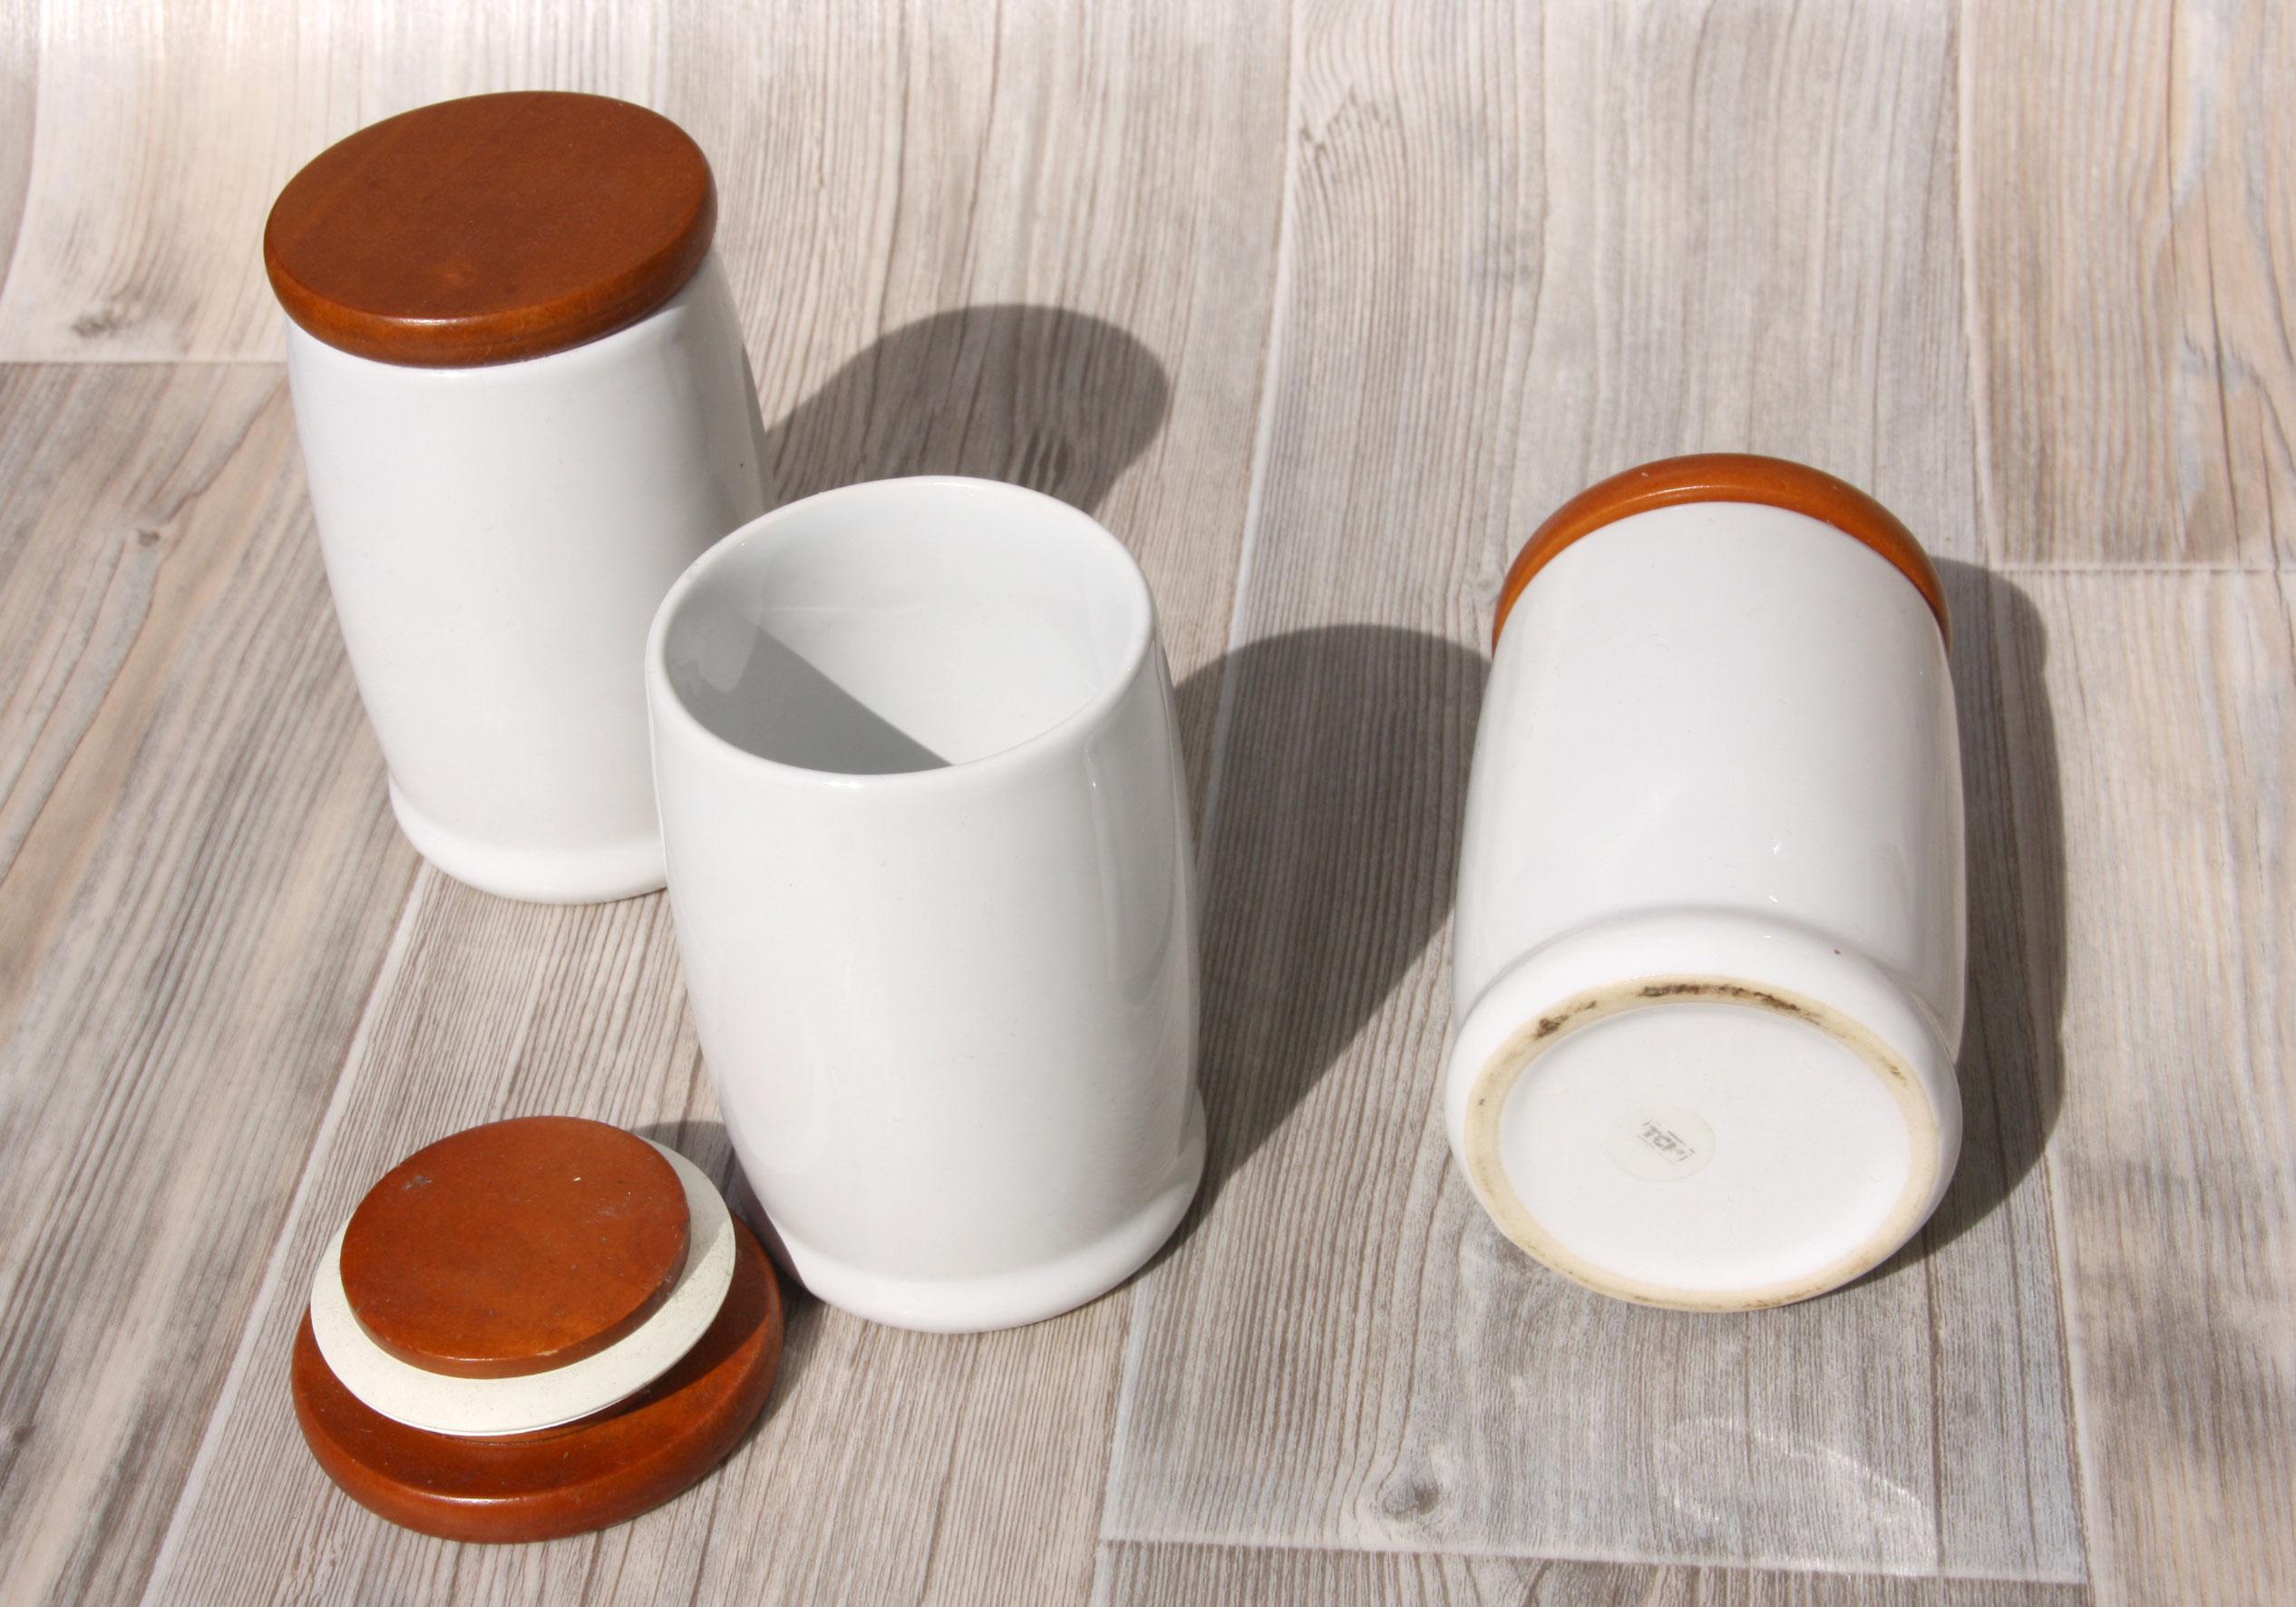 drei keramik vorratsdosen von tcm tchibo gew rzdose mit holzdeckel ebay. Black Bedroom Furniture Sets. Home Design Ideas